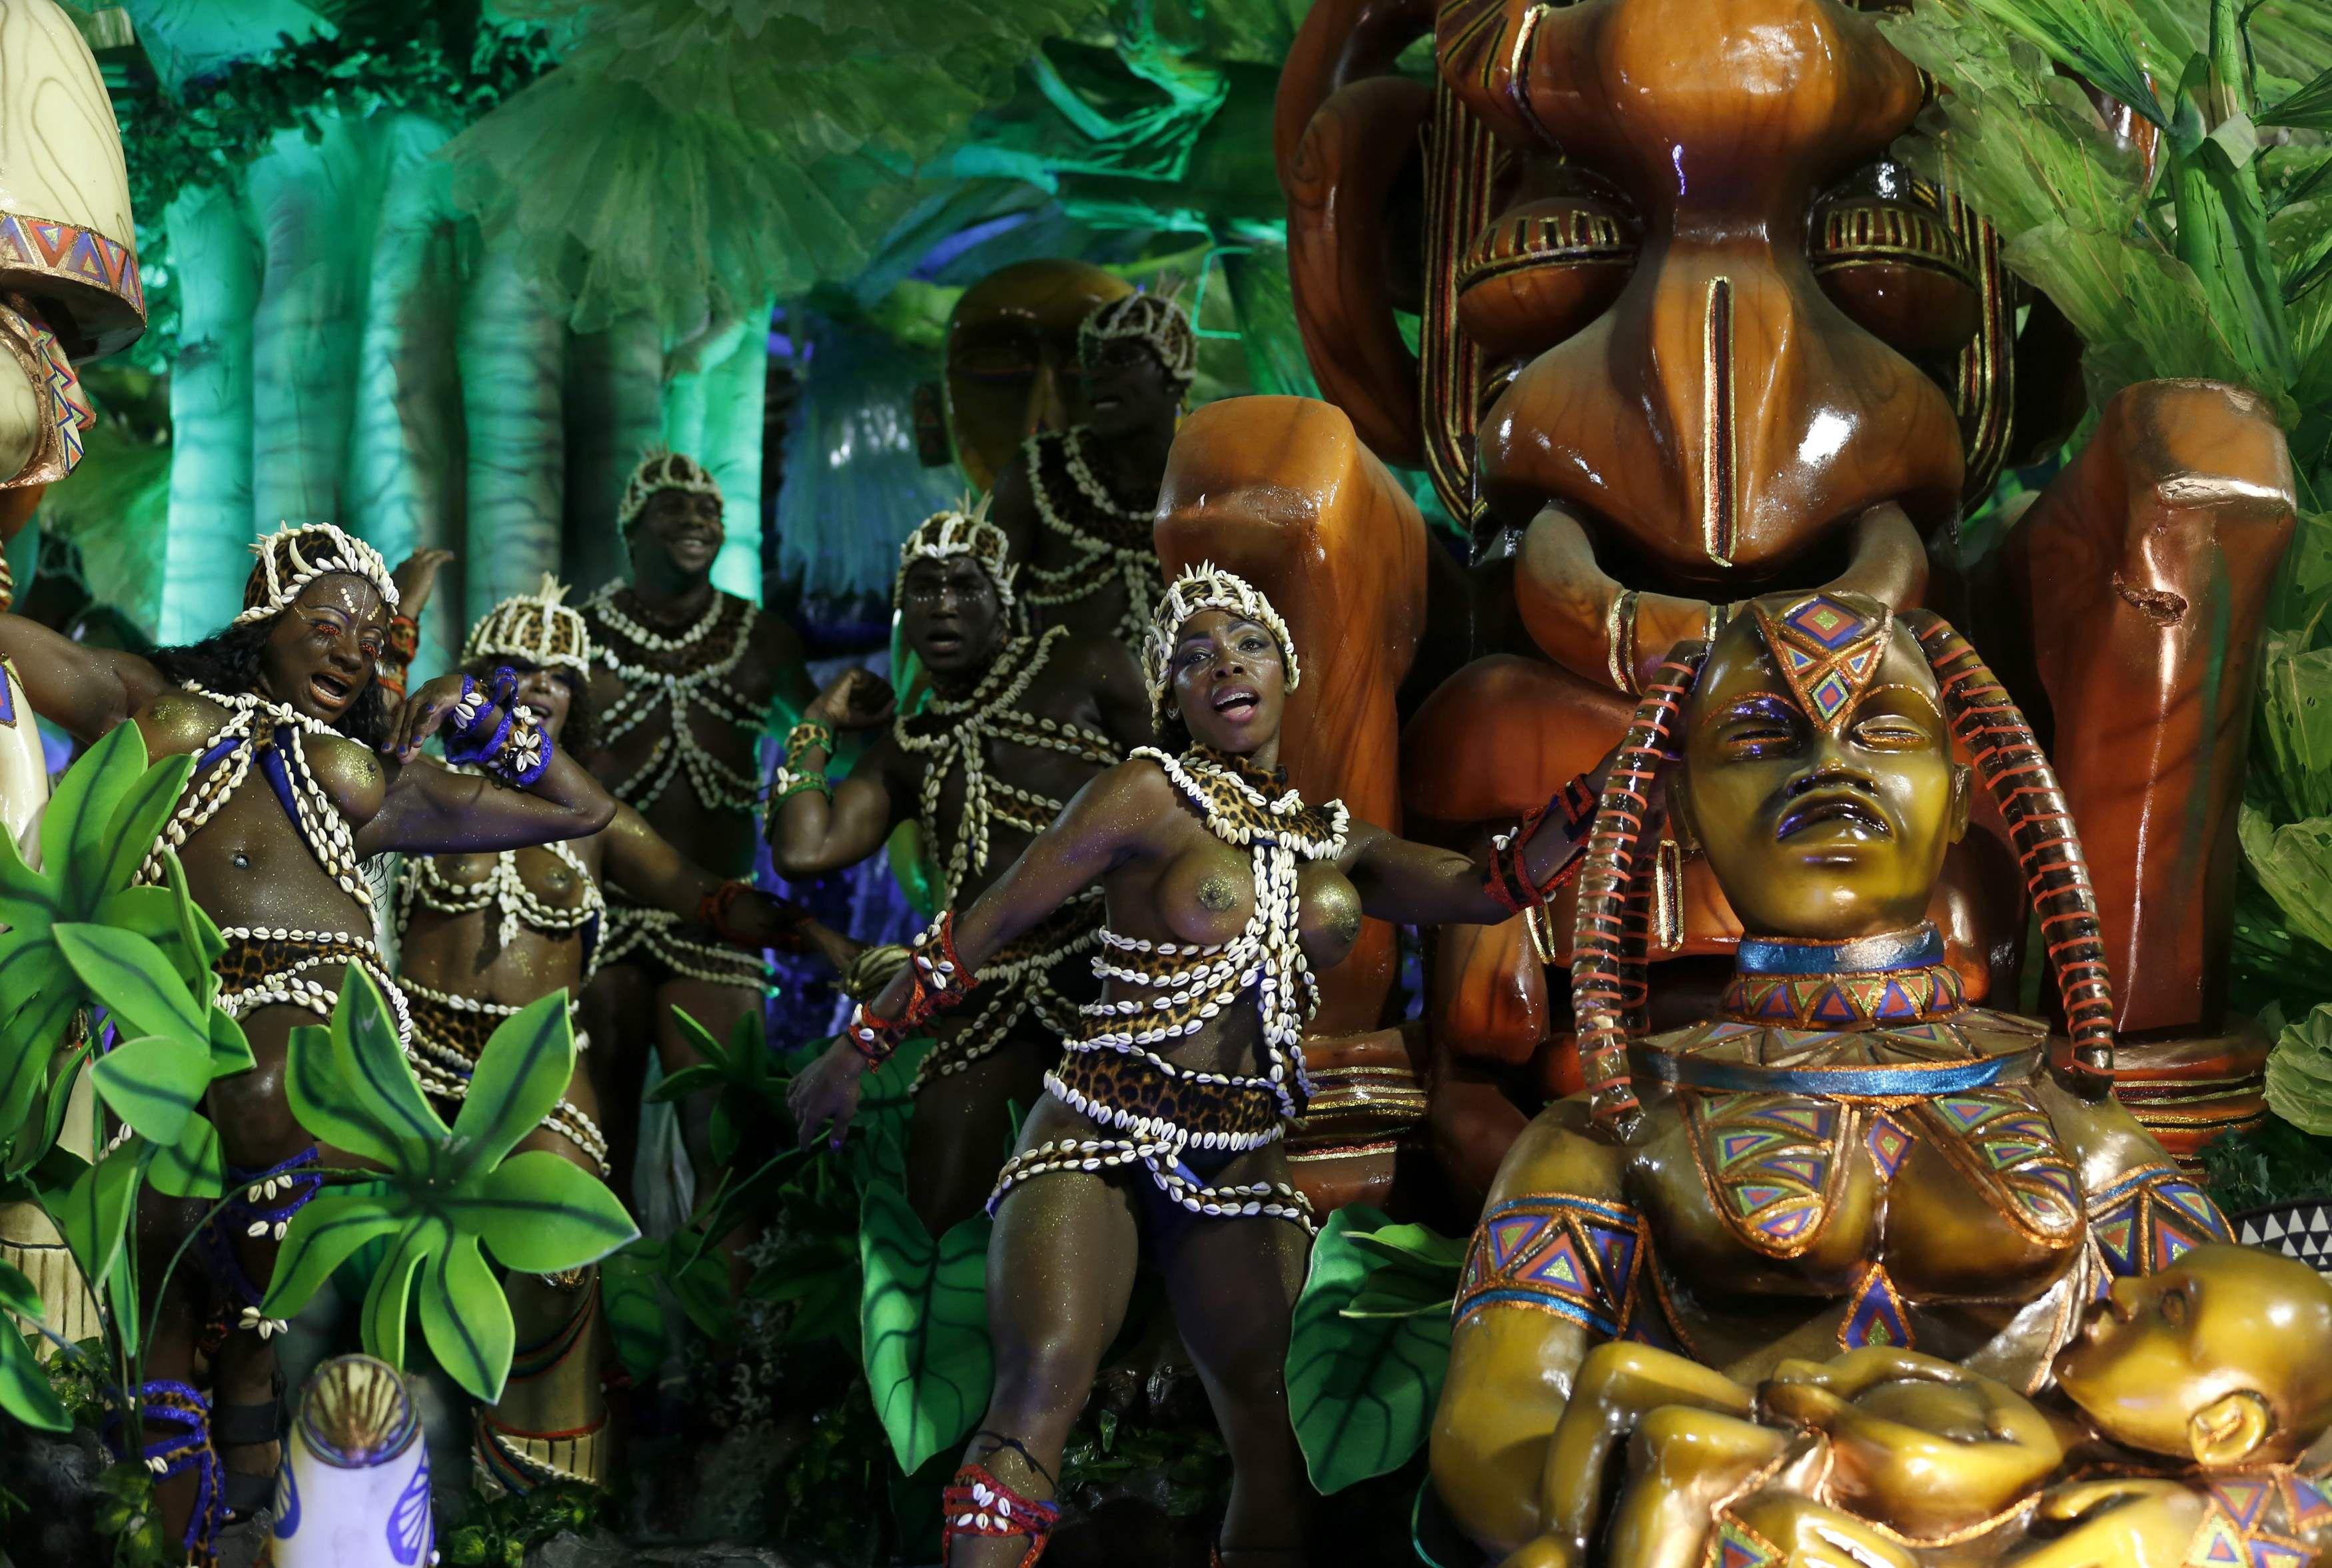 Esplendor. Una vista de la fantástica escuela de samba durante su desfile por el sambódromo anteanoche.